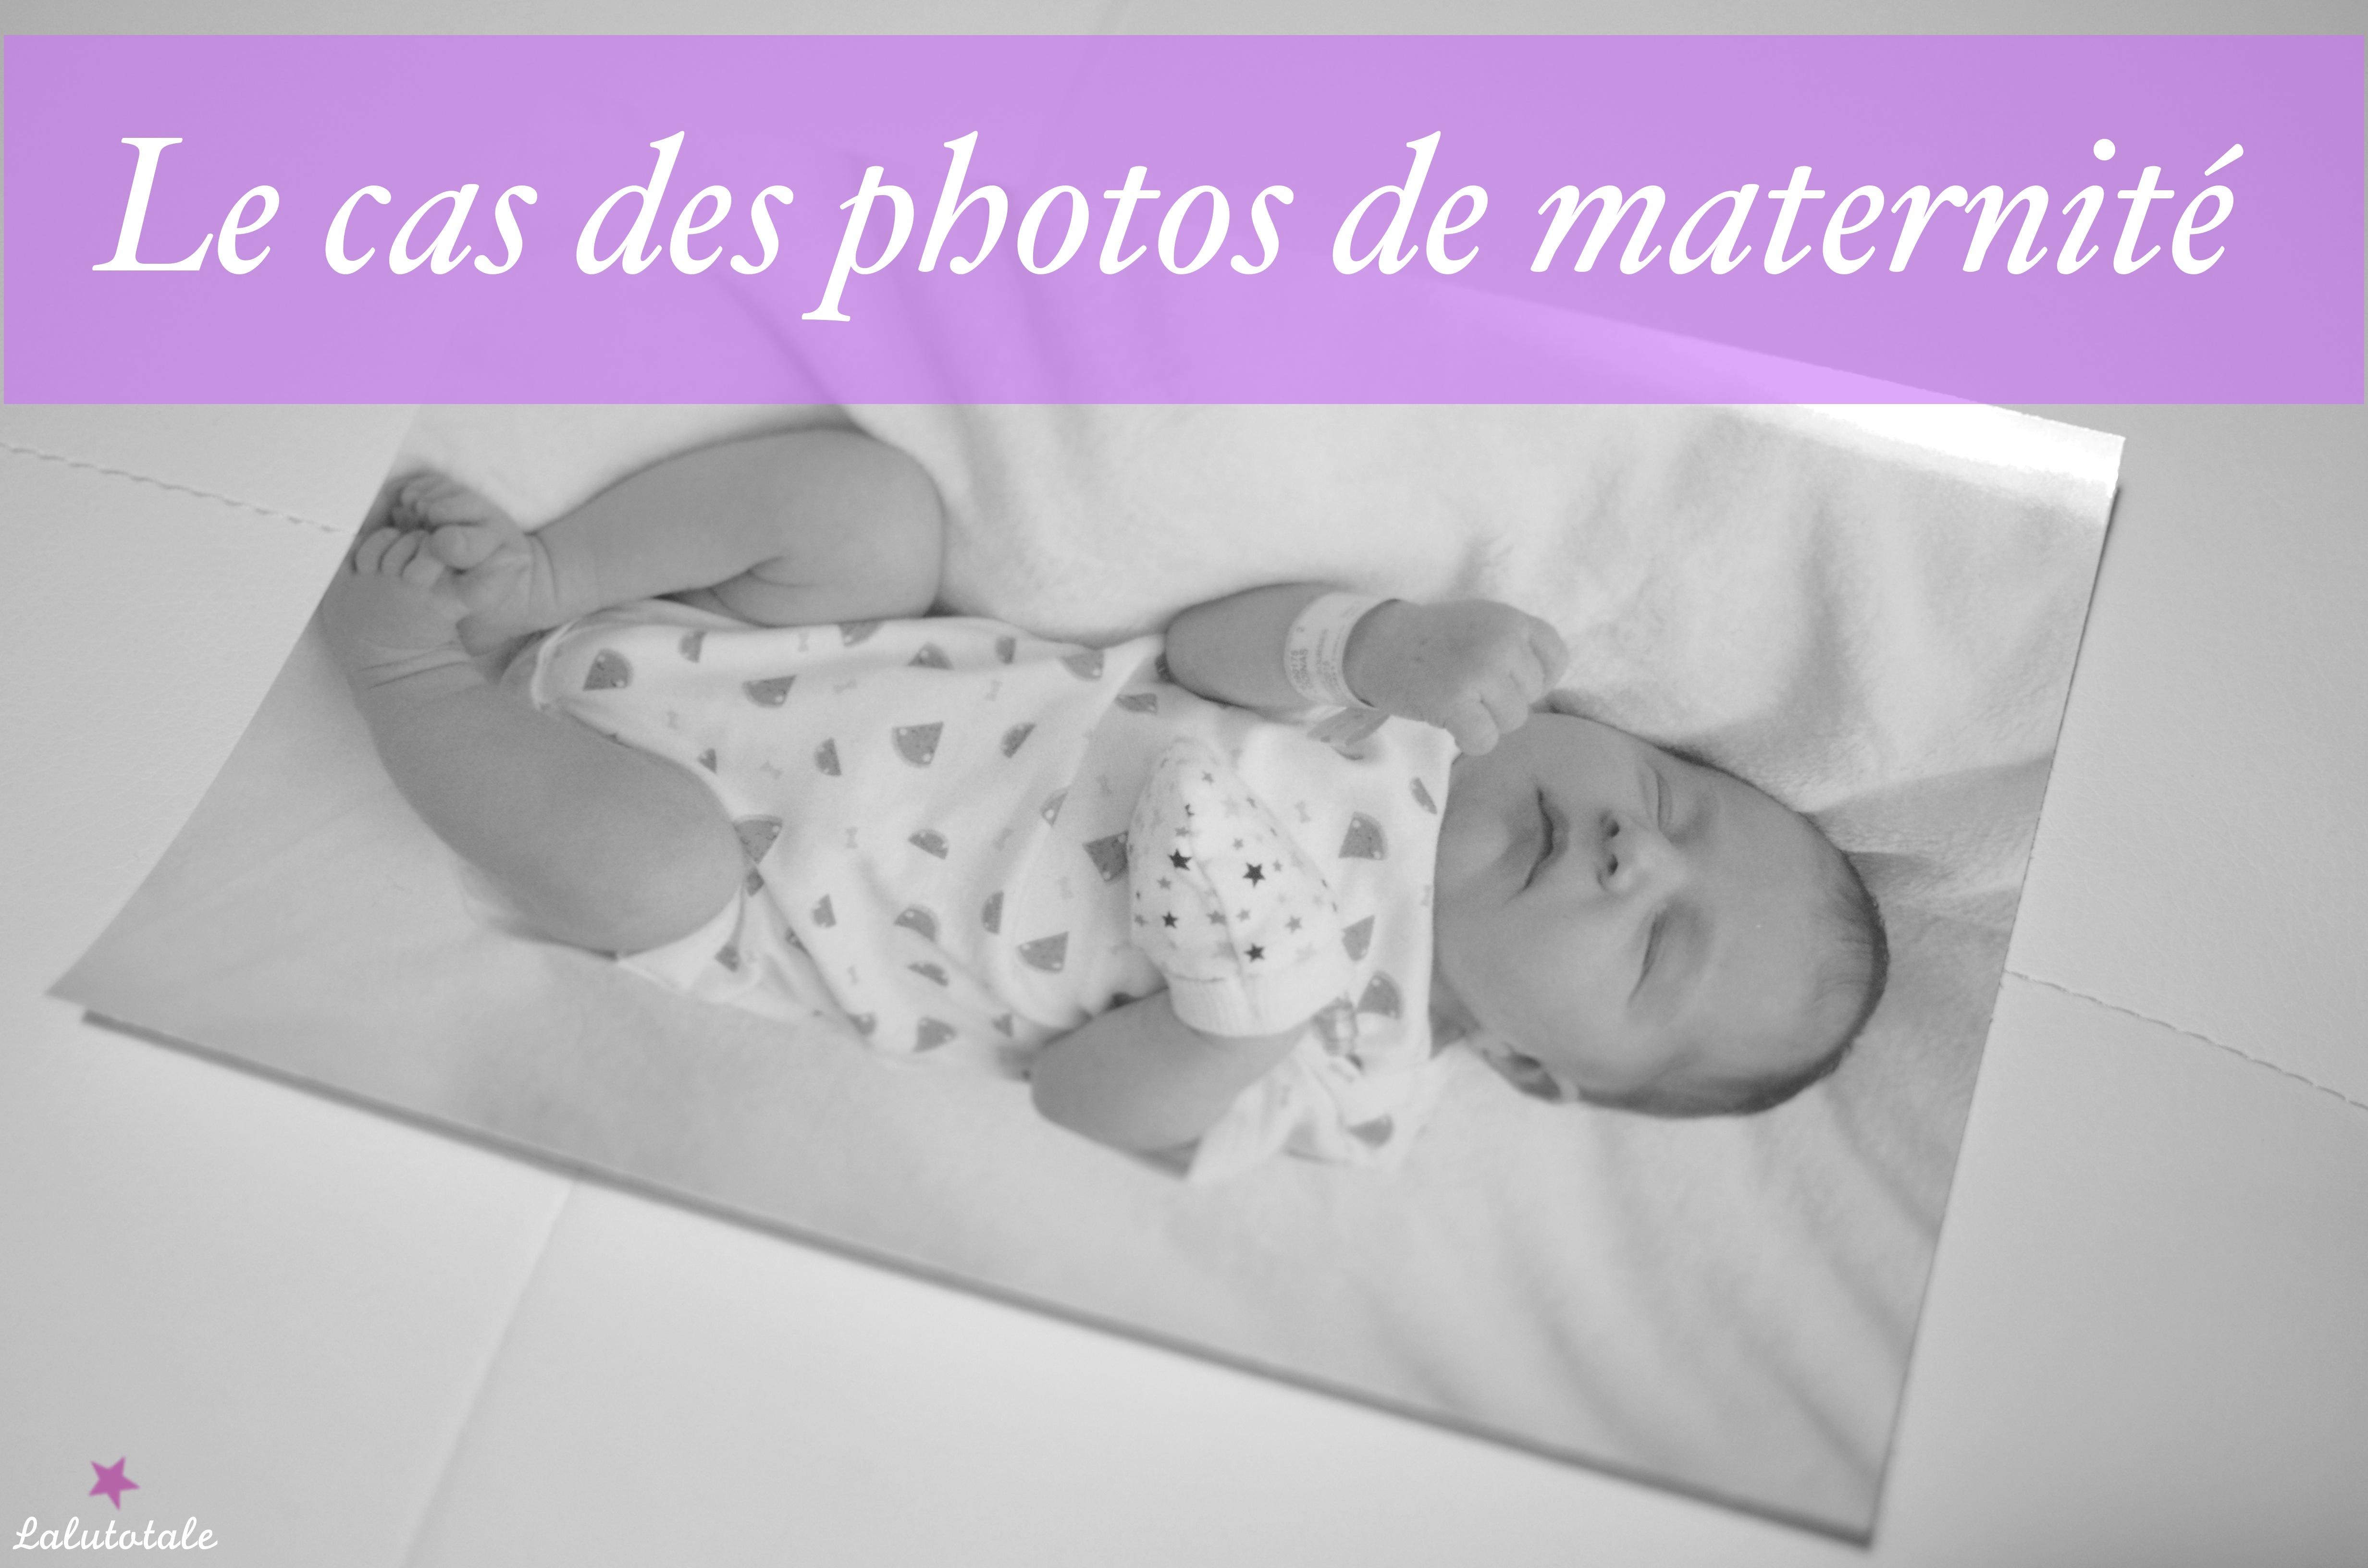 Frais Les photos de maternité, on en parle ? HC46